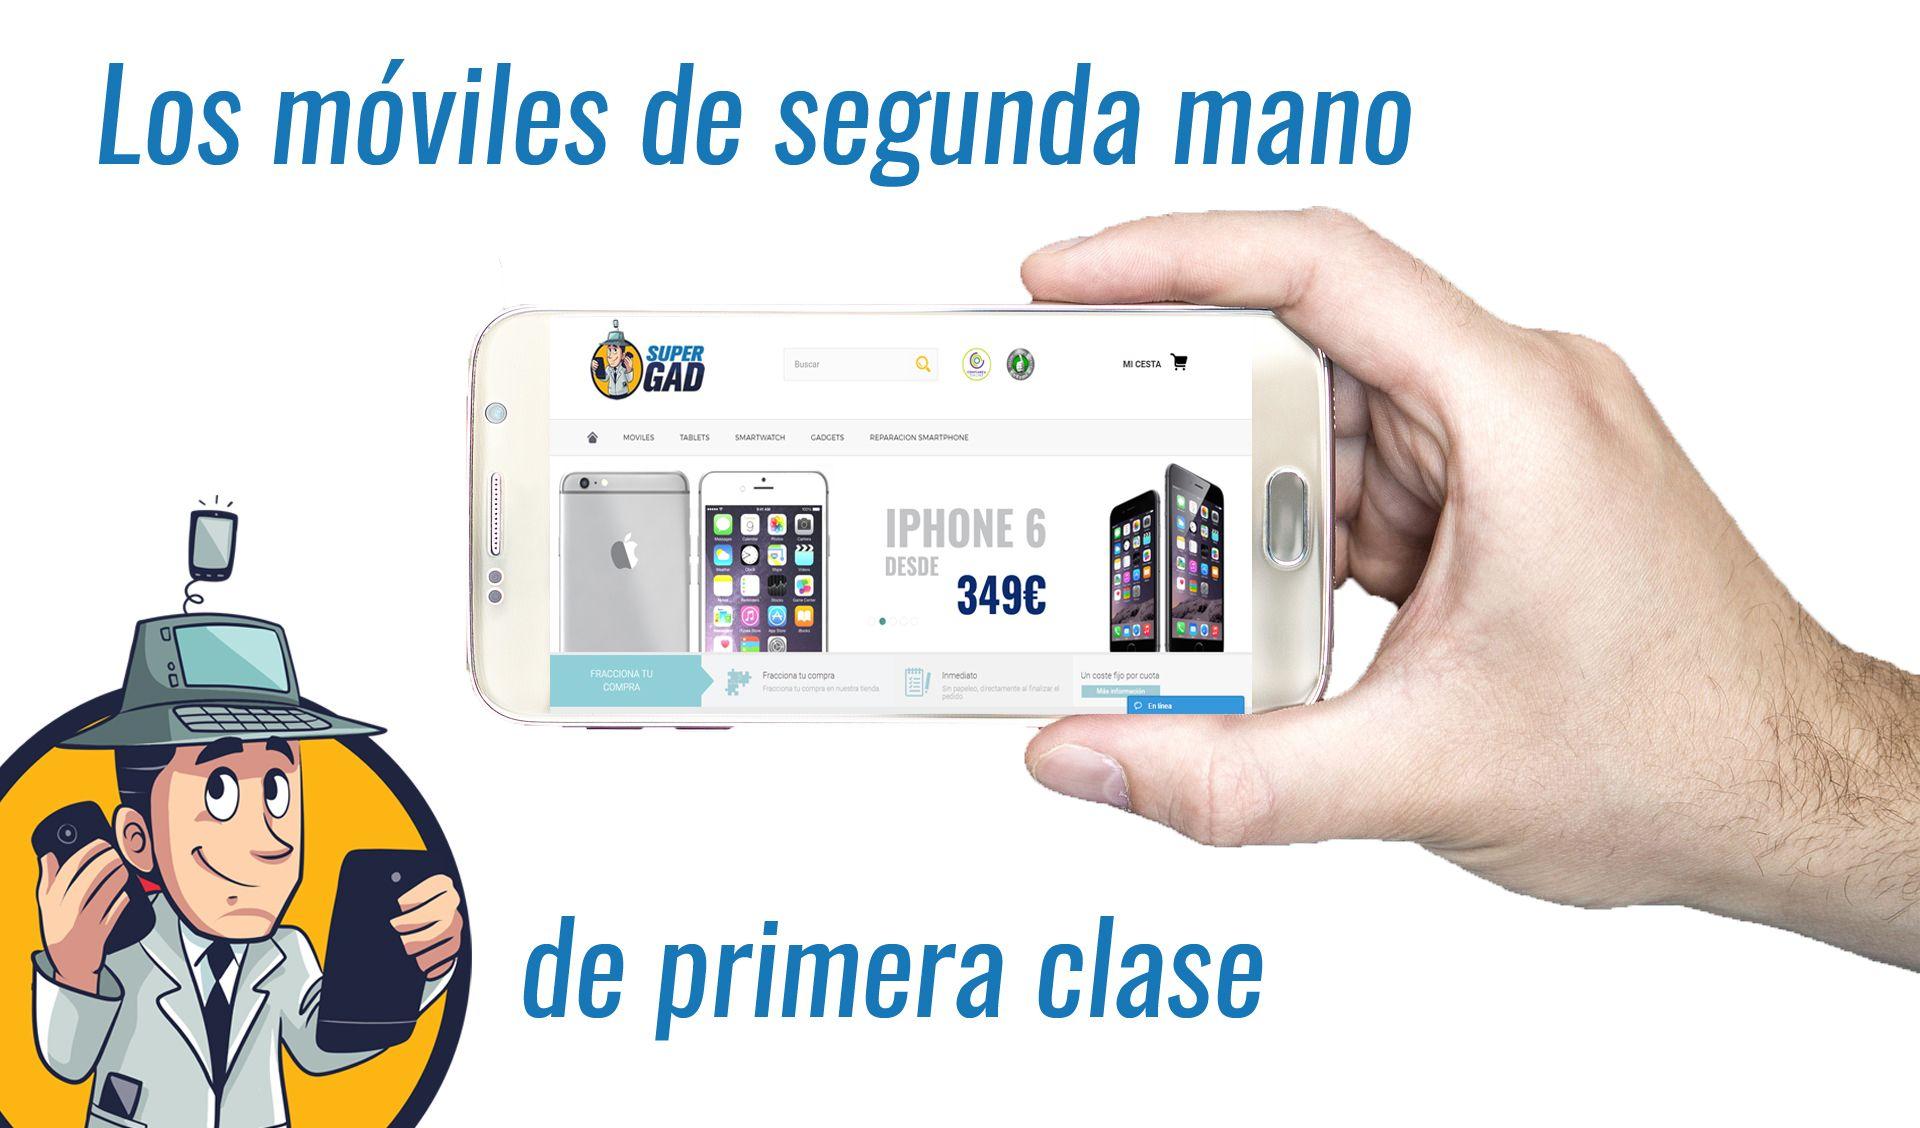 Foto de Móviles Segunda Mano Supergad.com